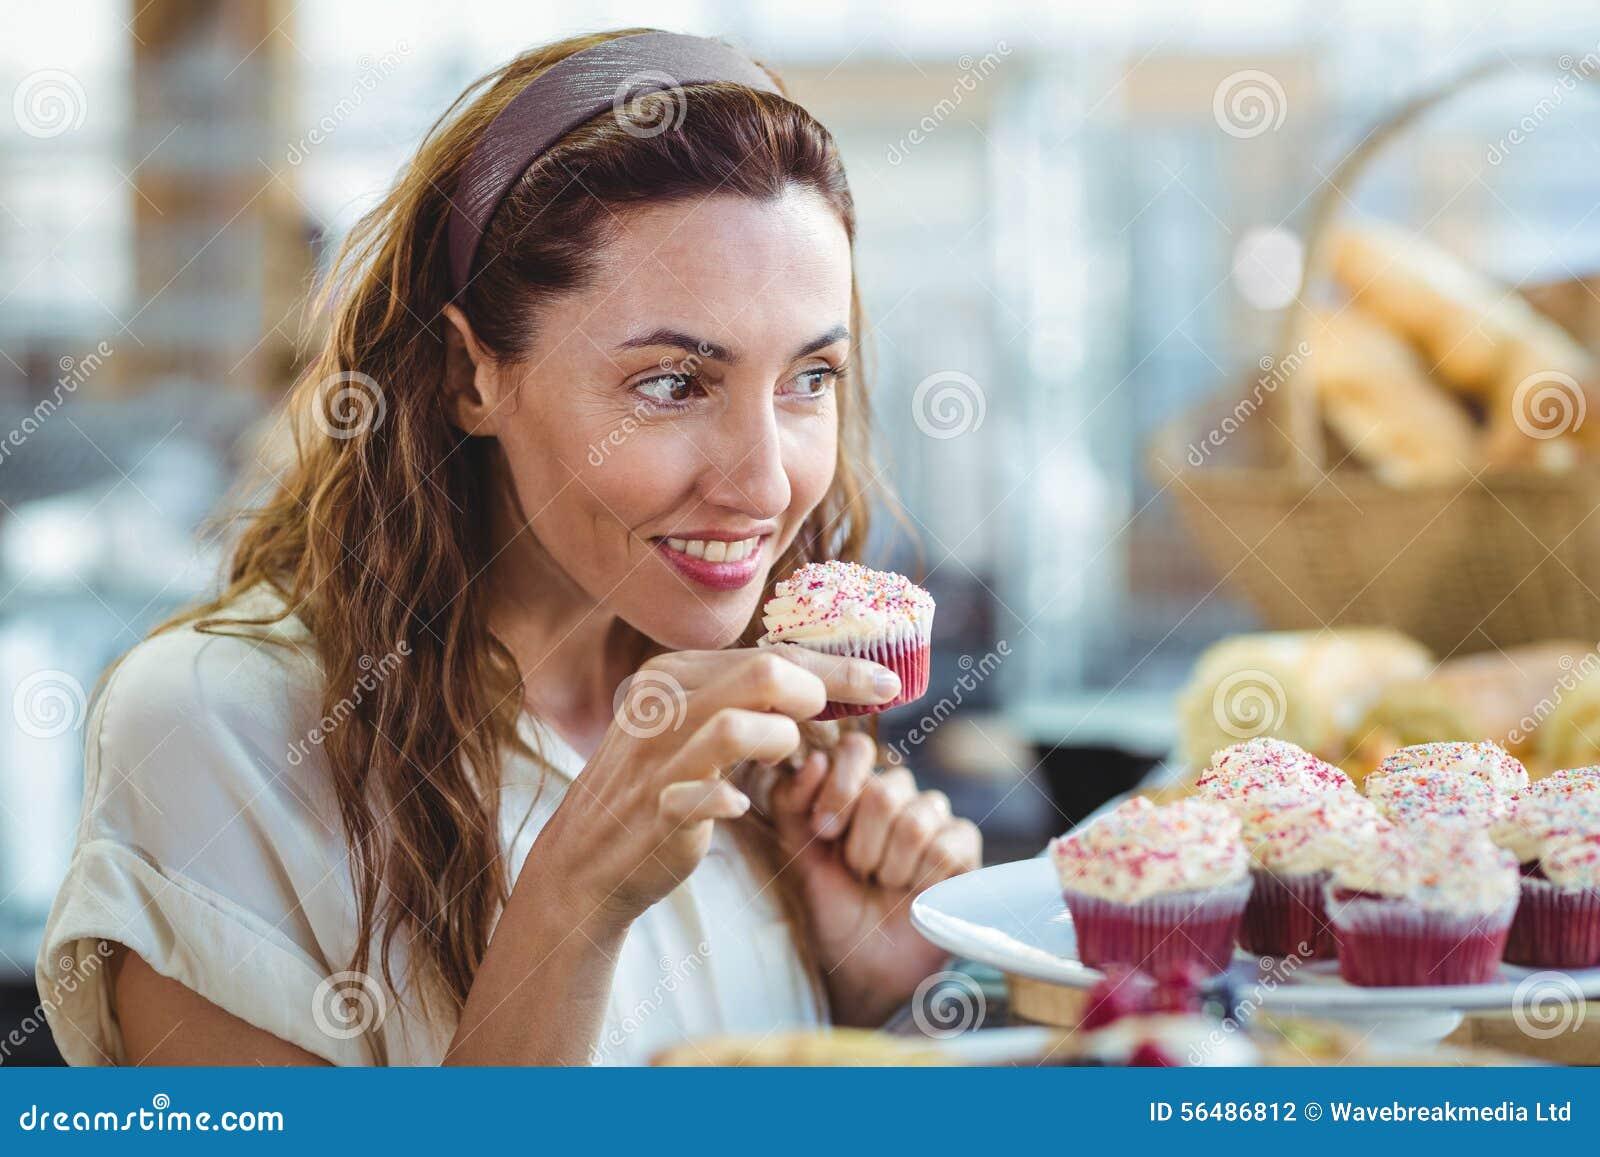 Petit gâteau se tenant et sentant de jolie brune